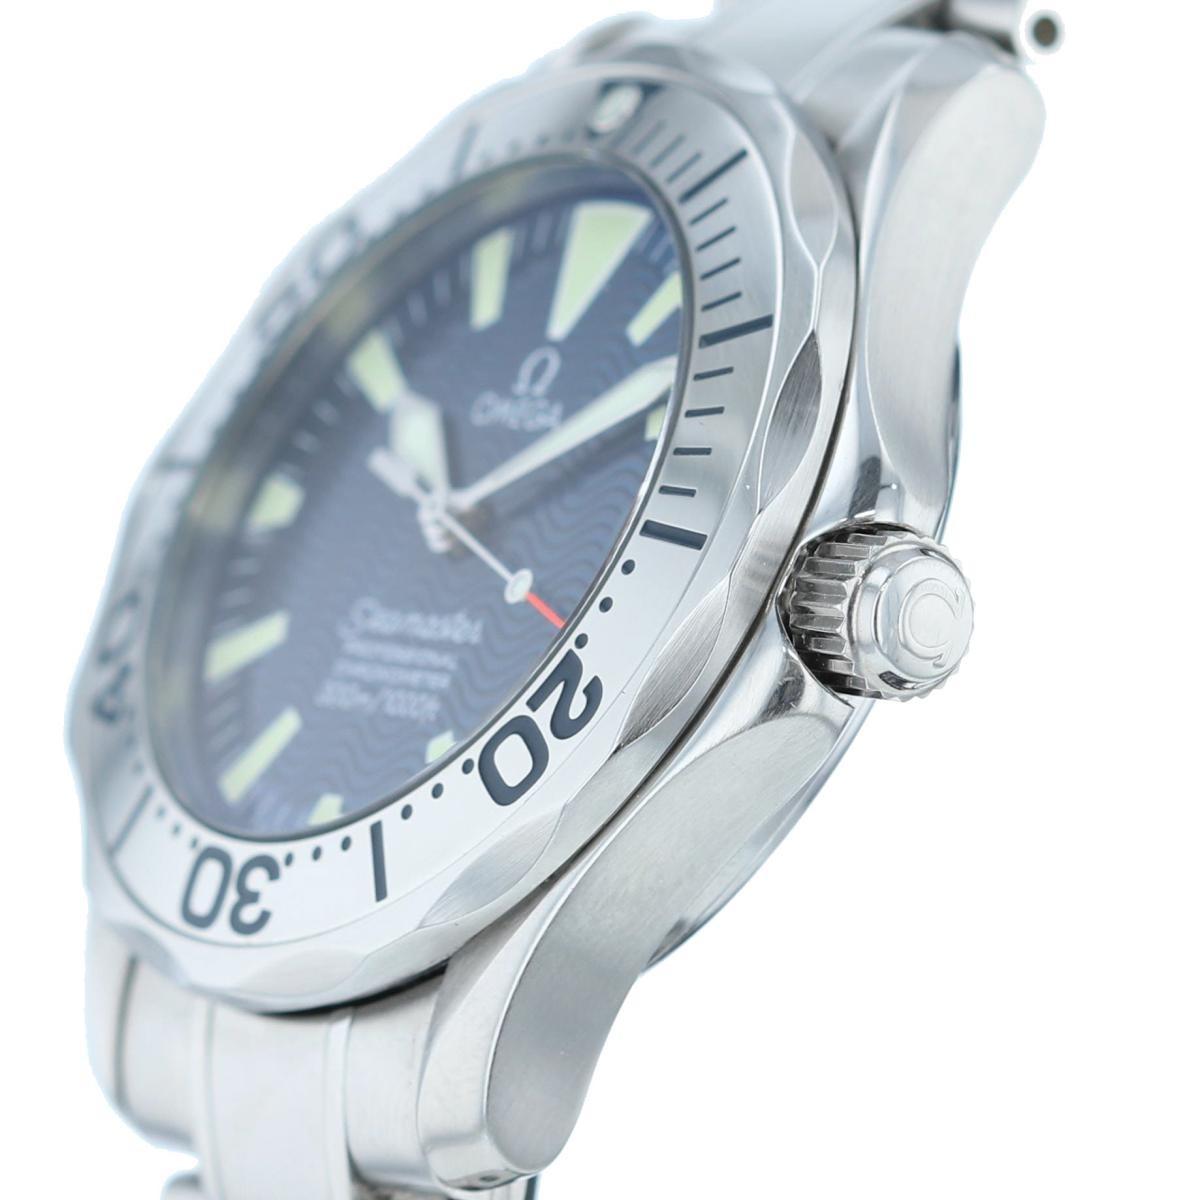 【お値下げ品】【中古】OMEGA (オメガ) シーマスター プロフェッショナル 36� 時計 自動巻き SEAMASTER 300M Blue/ブルー 2253.80 used:A